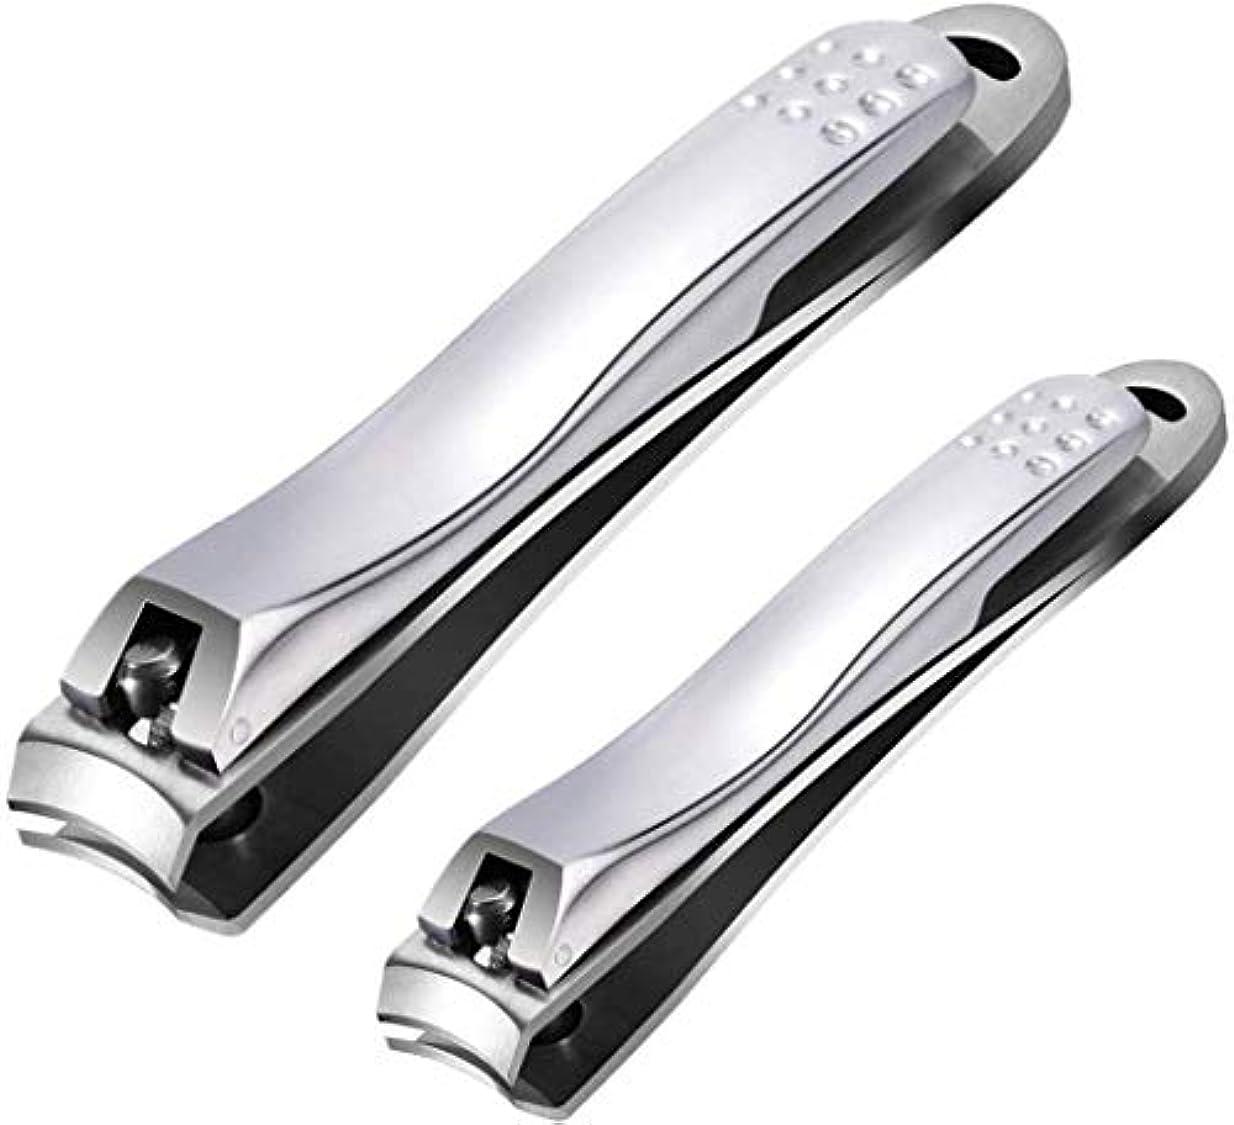 規制するカバレッジニコチンつめきり ステンレス製高級 爪切り 爪やすり付き 手足はがね ツメキリ 握りやすい スパット切れる レザーケース付き付属 (2サイズ)